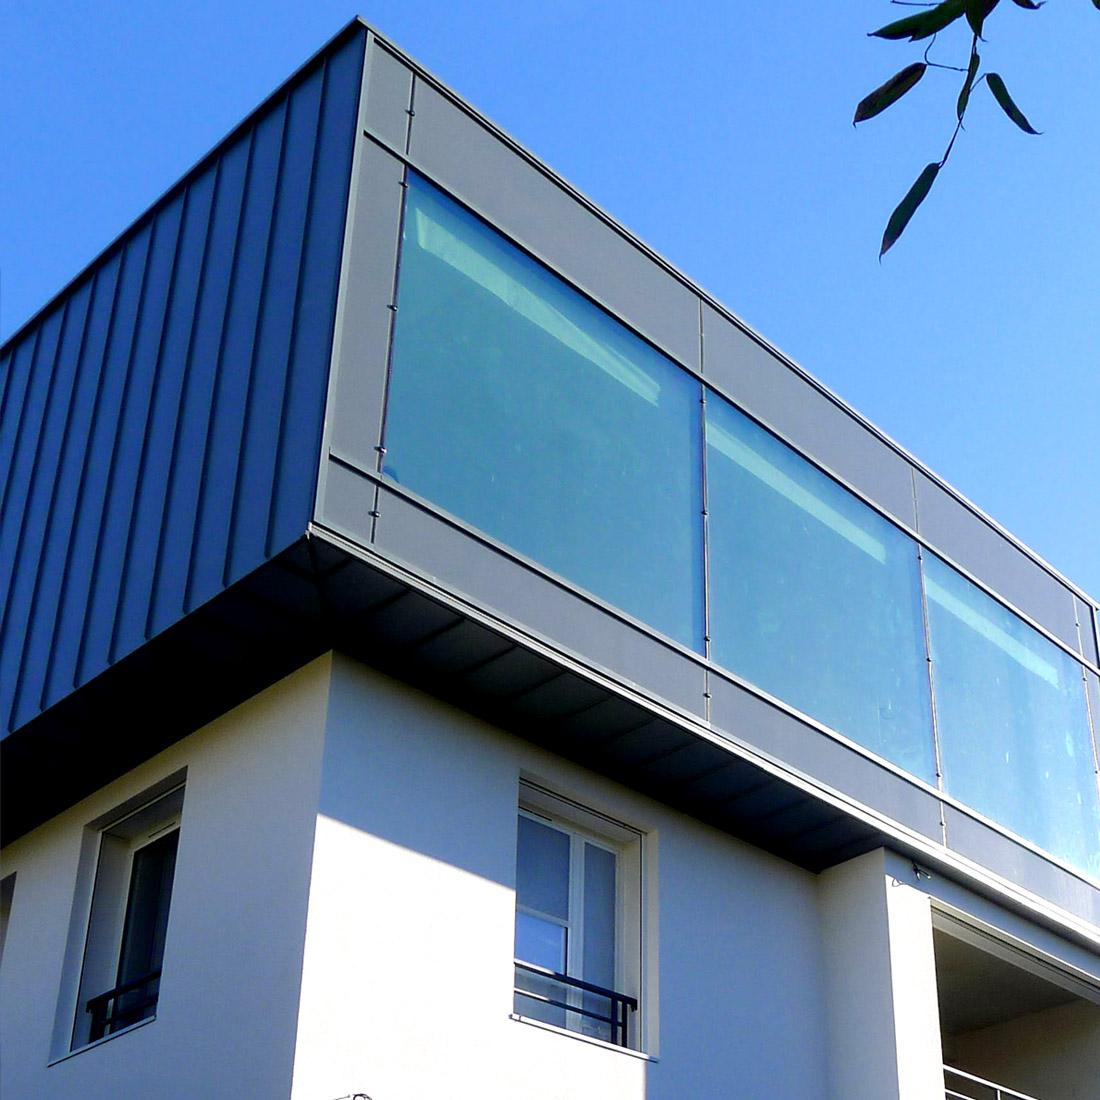 architecte-construction-immeuble-facade